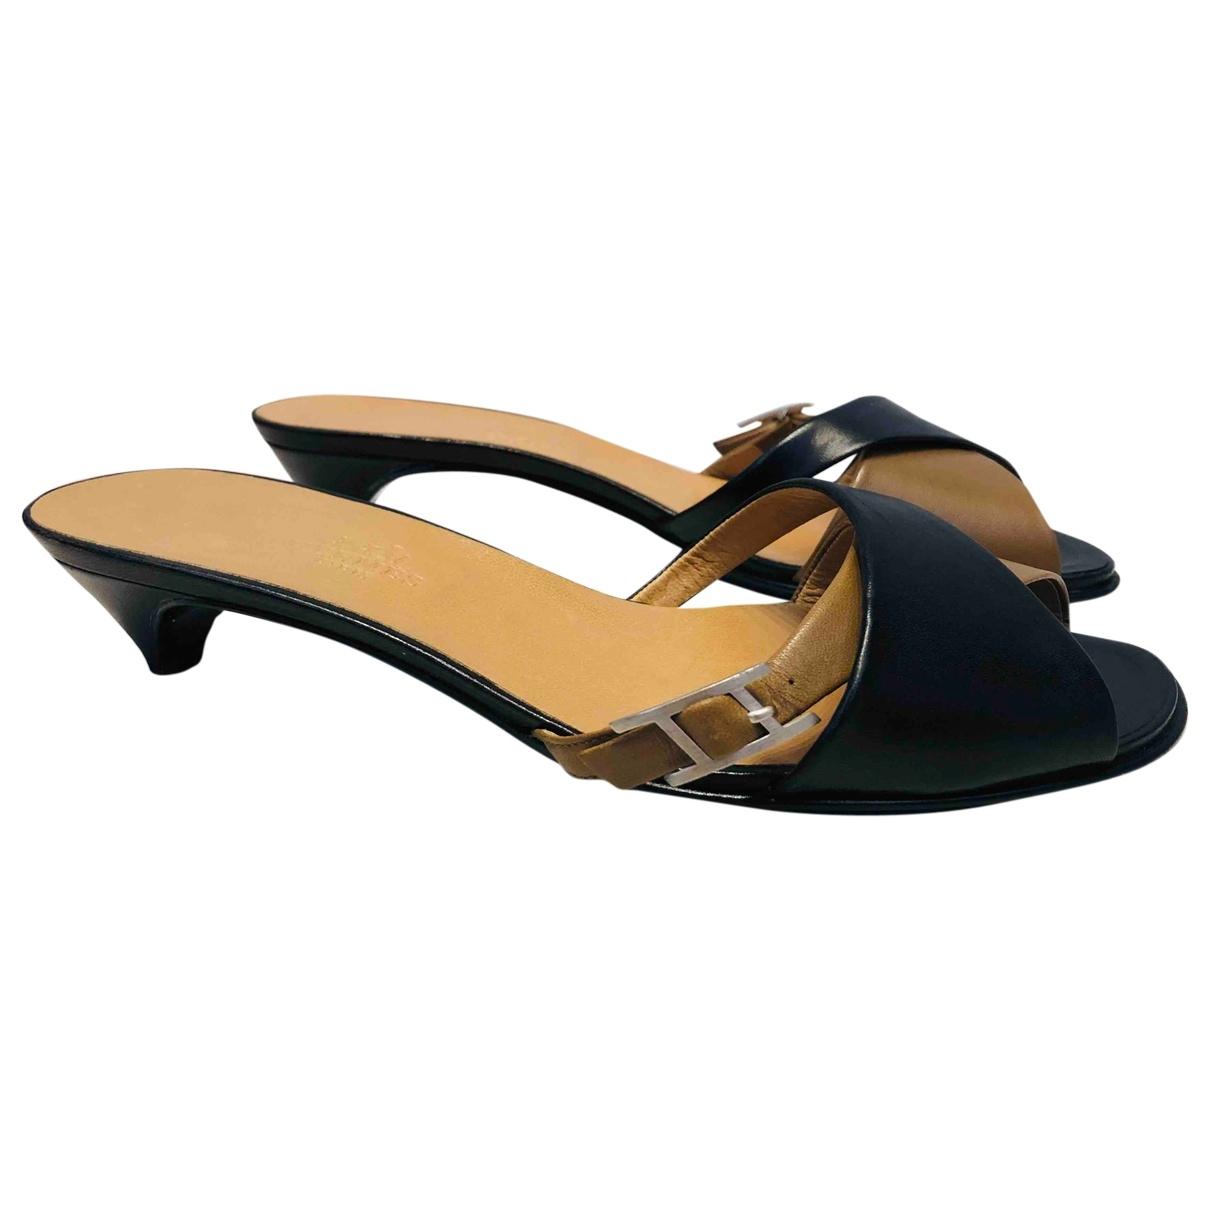 Hermès \N Multicolour Leather Sandals for Women 37 EU